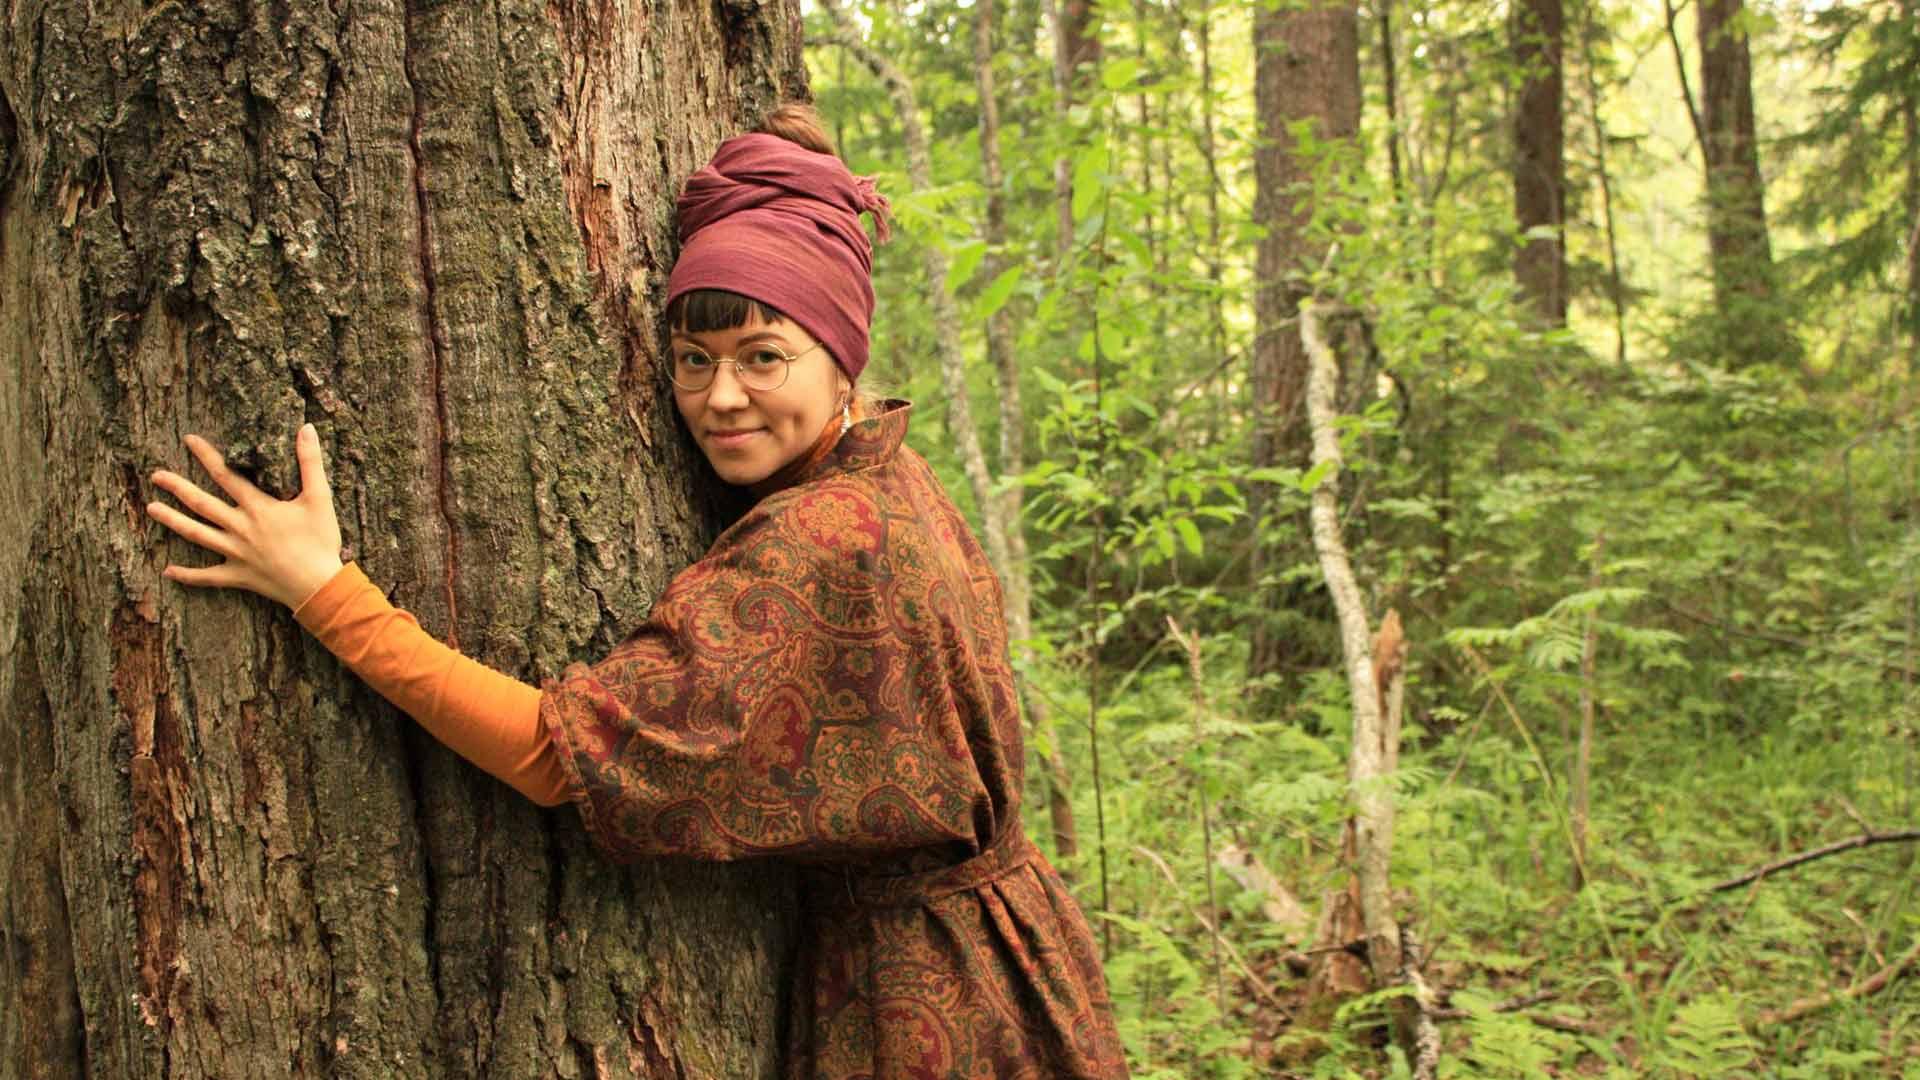 """""""Toivon, että jokainen miettisi, mitä voisi tehdä luonnon hyväksi"""", psykologian opiskelija Juni Sinkkonen sanoo."""